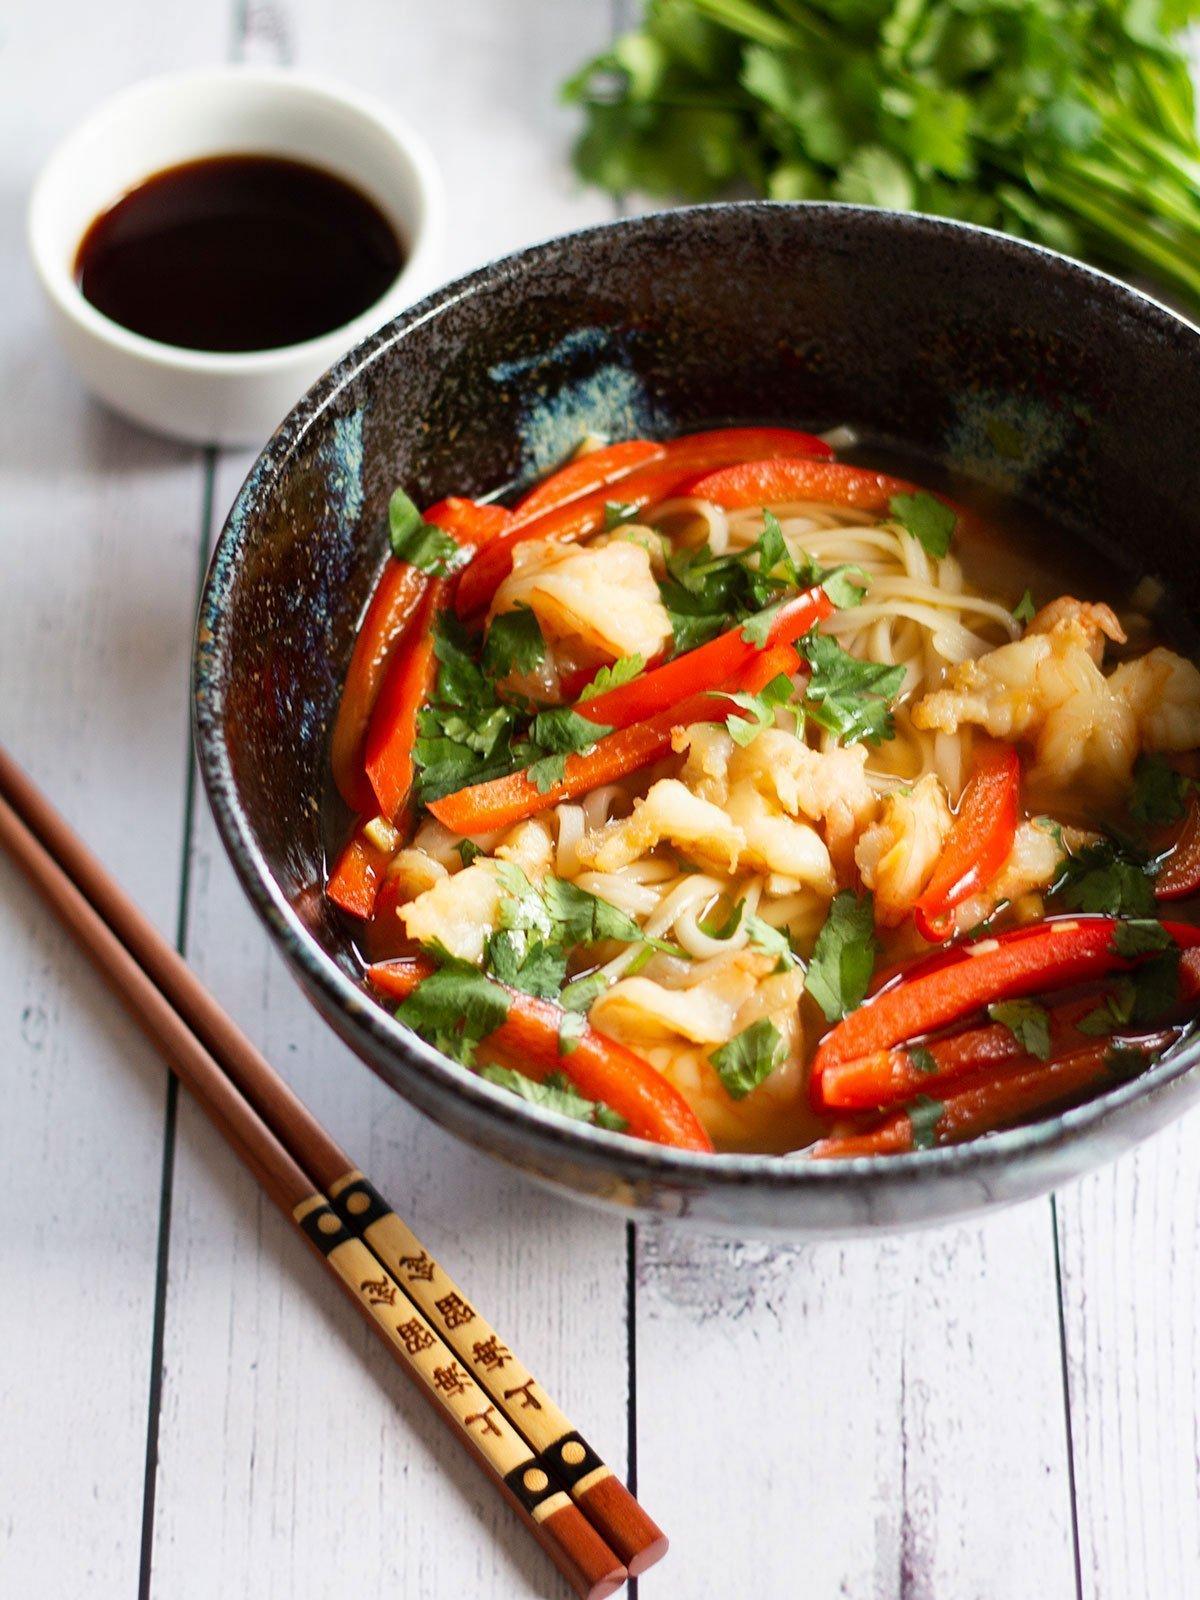 A bowl of prawn pho and chopsticks